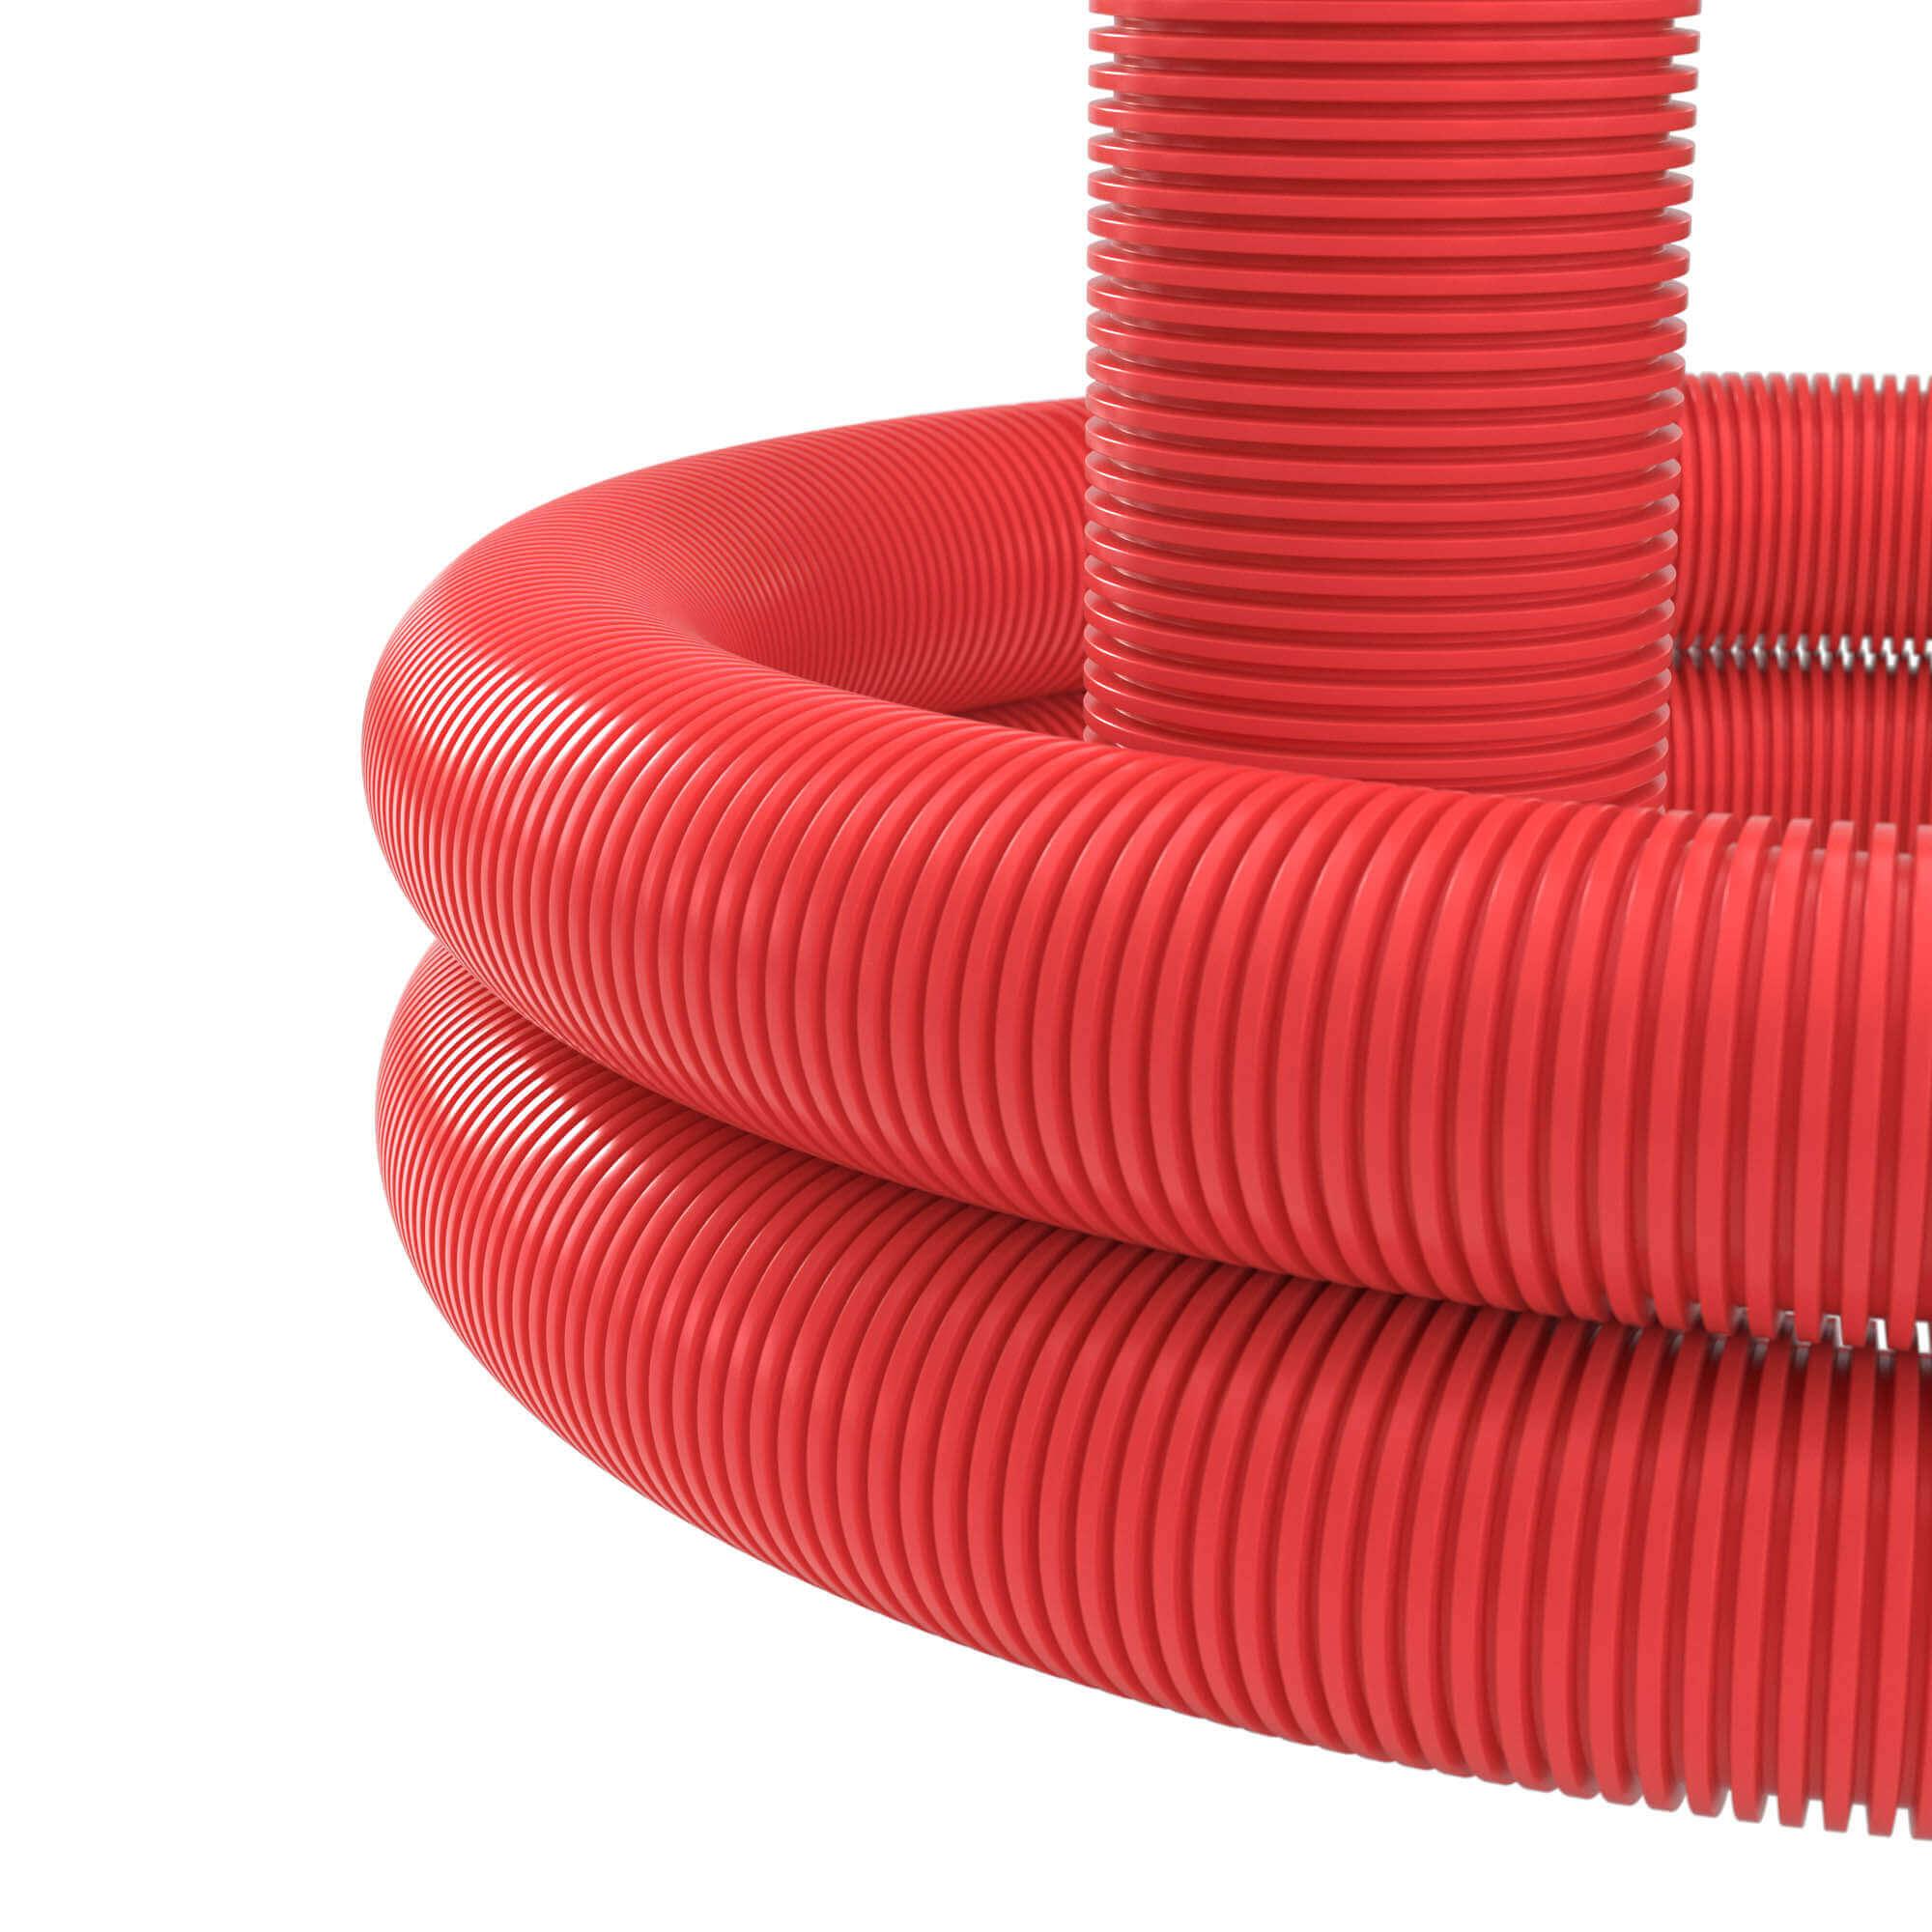 Двустенная труба ПНД гибкая для кабельной канализации d 200мм без протяжки SN6 450Н красный